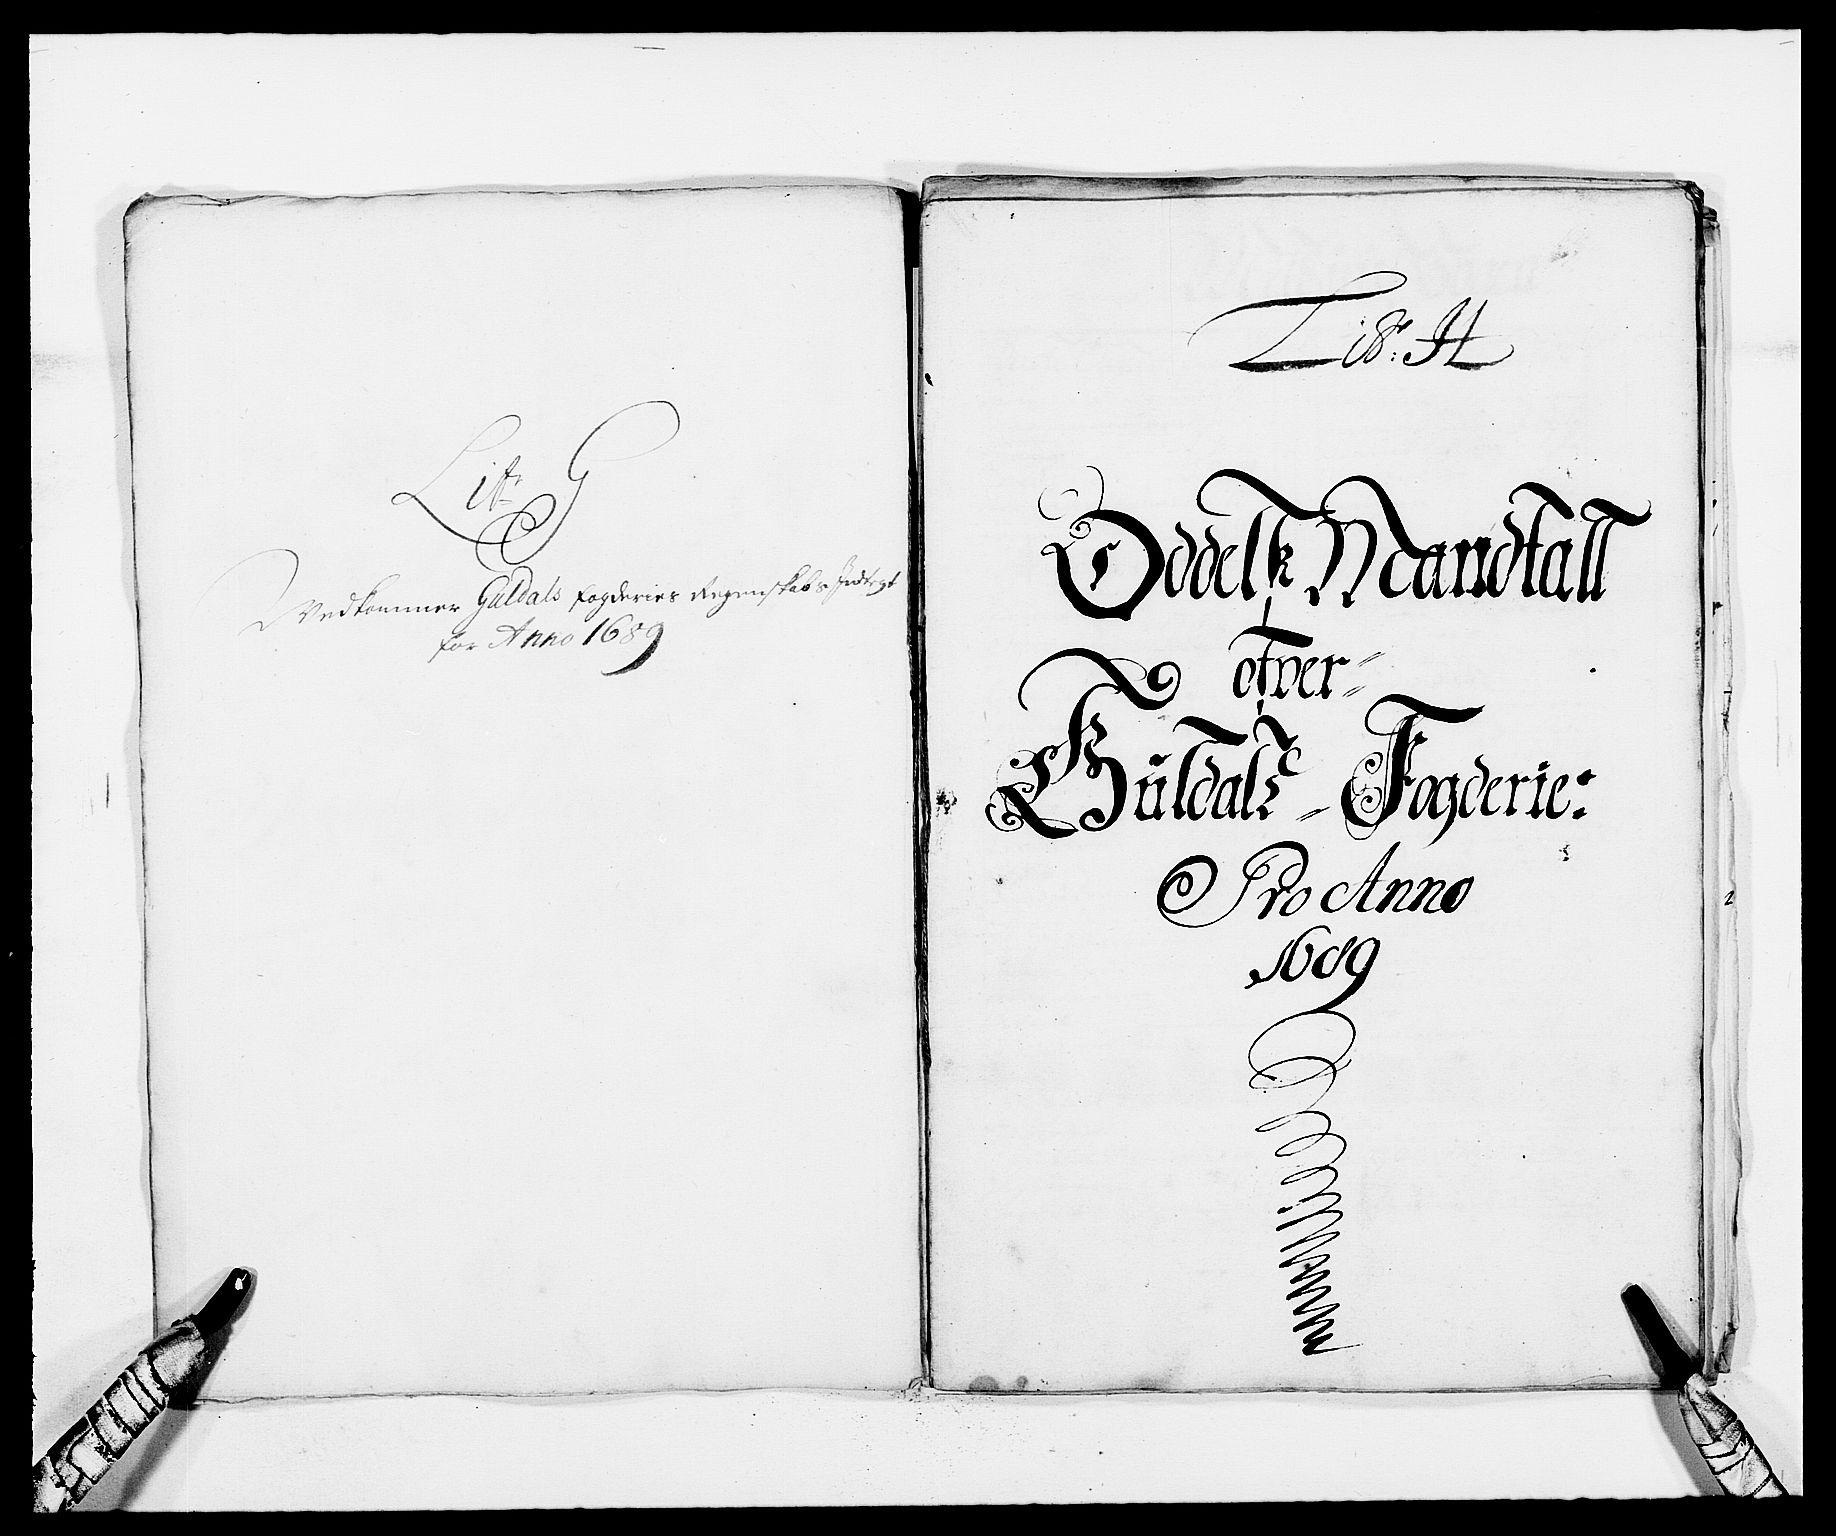 RA, Rentekammeret inntil 1814, Reviderte regnskaper, Fogderegnskap, R59/L3940: Fogderegnskap Gauldal, 1689-1690, s. 82